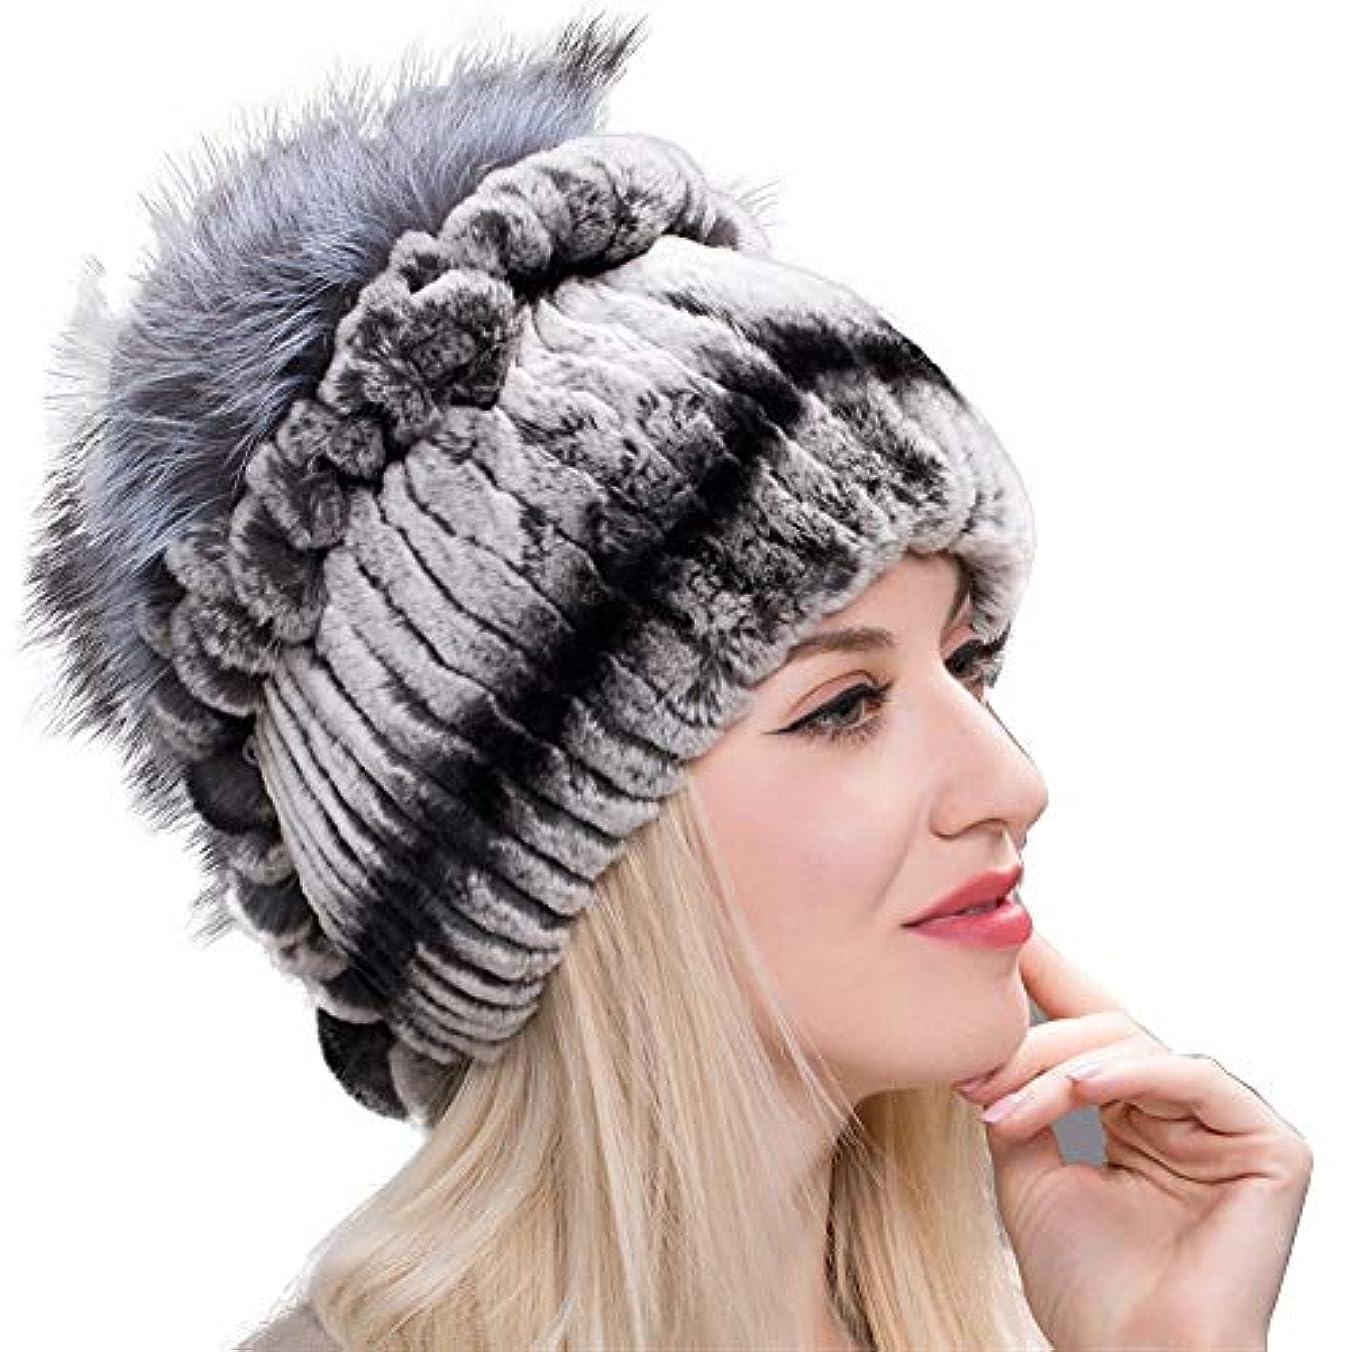 研究所クレア不適ACAO さんの秋と冬レッキスの毛皮の帽子ニットウールキャップ耳のファッションの女性の野生の花のキツネの毛皮の帽子は包頭に暖かく保つために (色 : Cyan blue, Size : M)